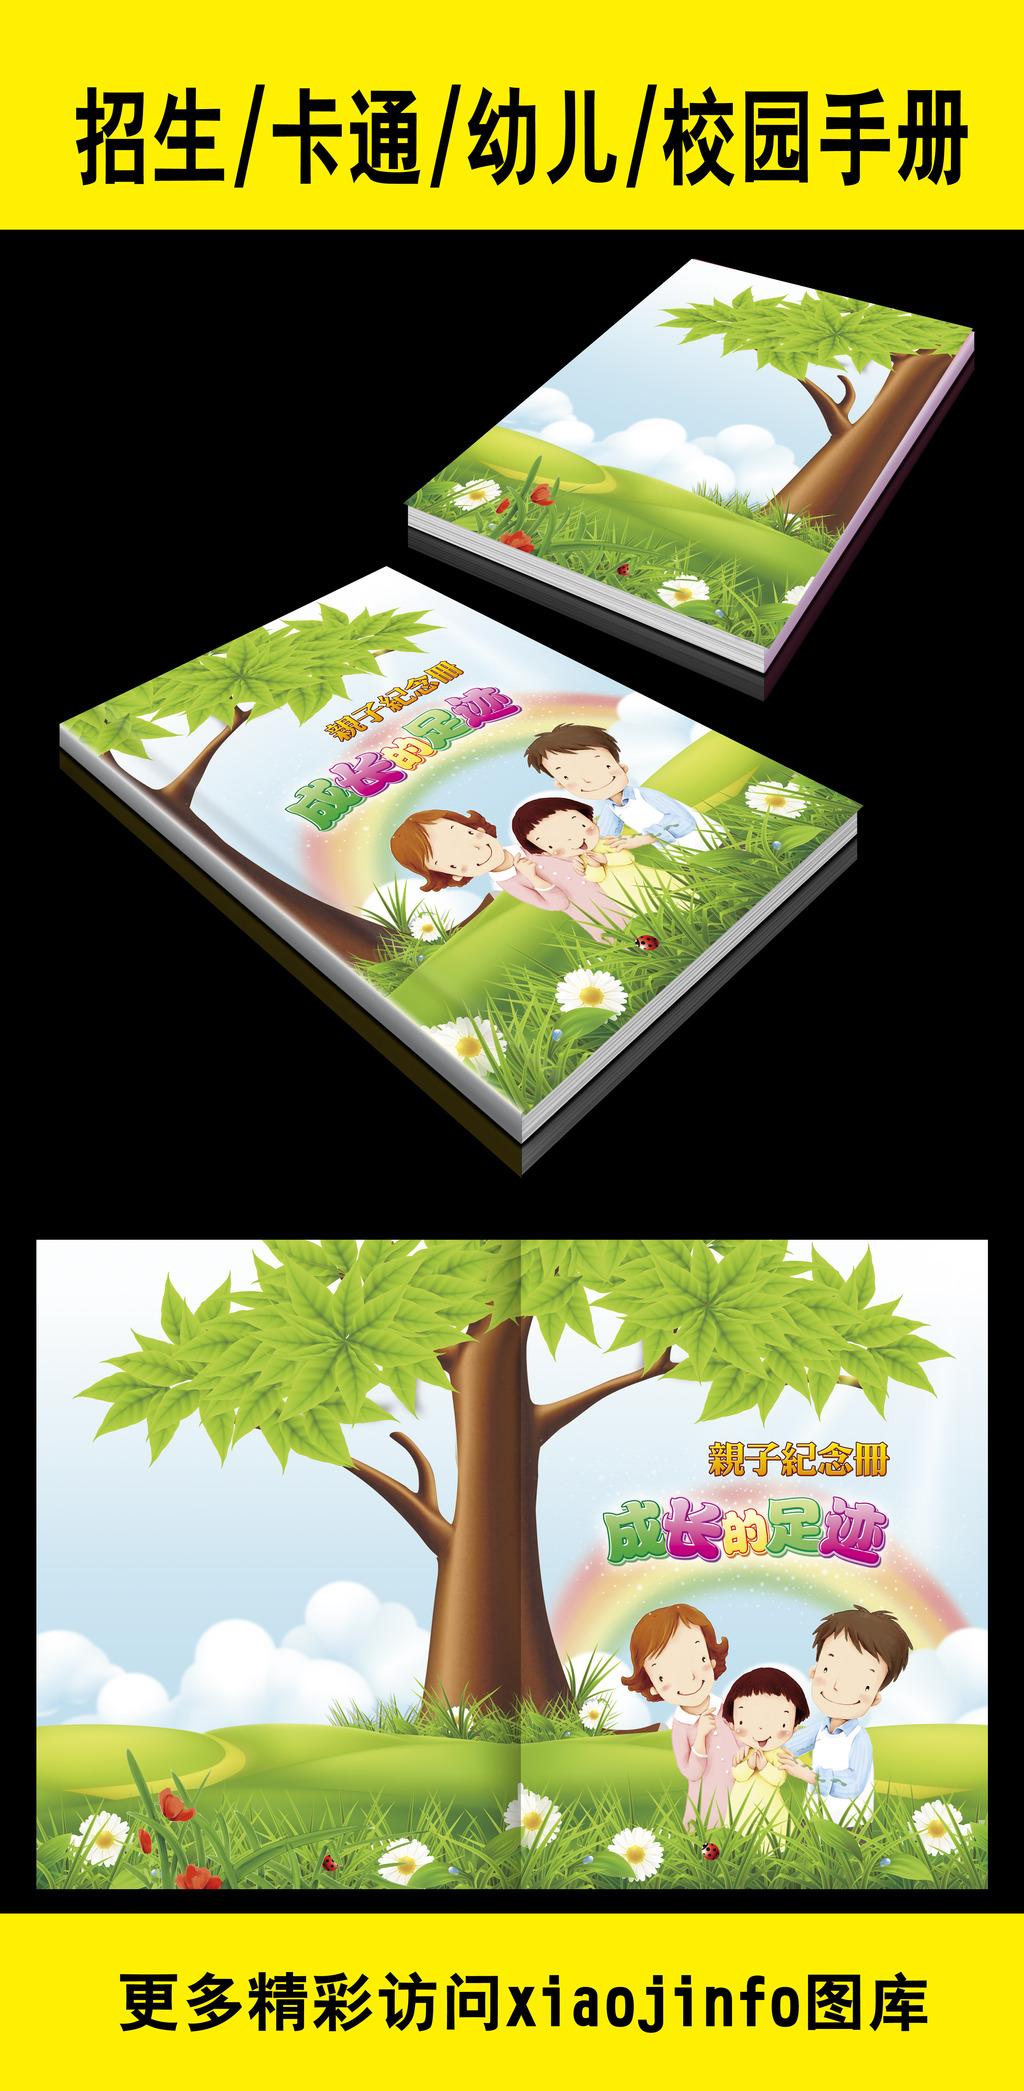 两款儿童画册封面设计